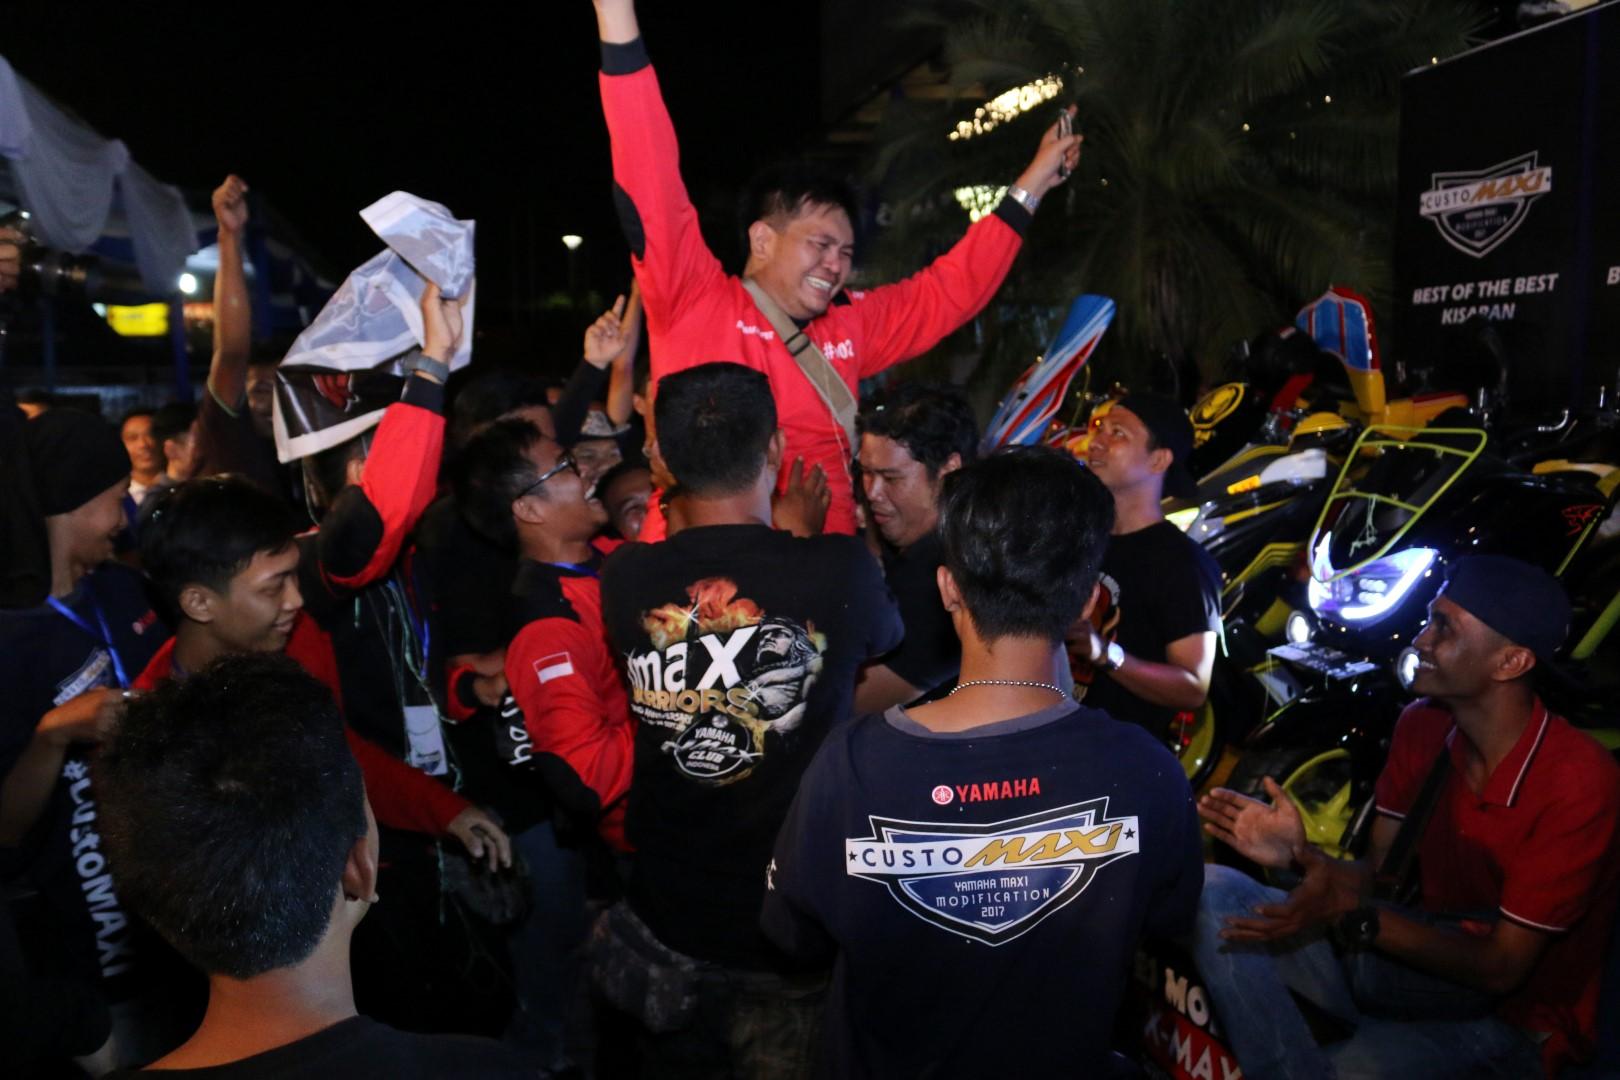 Kemeriahan komunitas MAXI Yamaha di ajang CustoMAXI